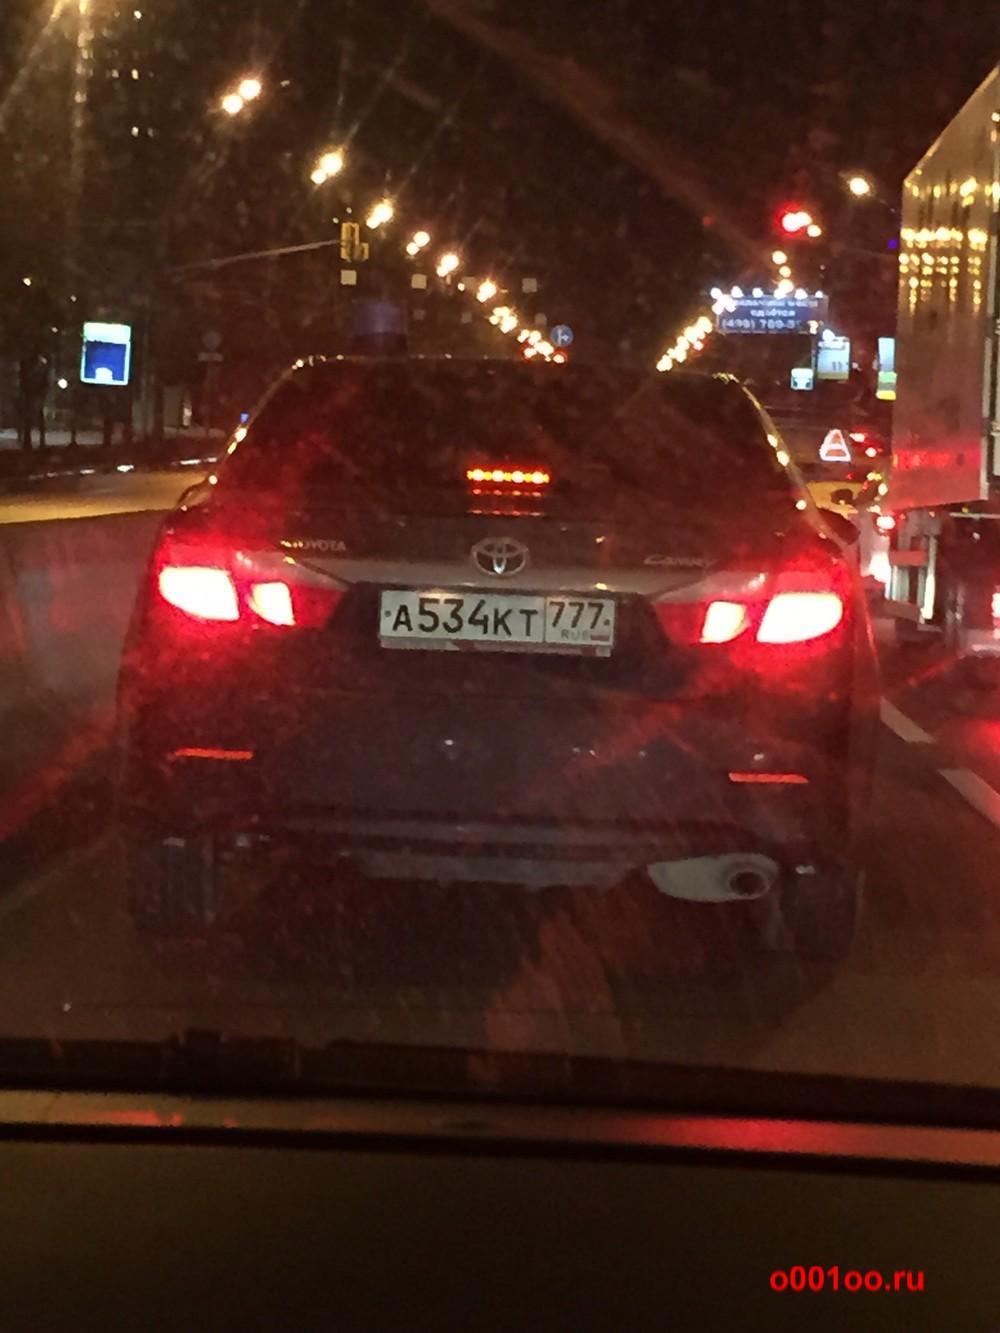 А534КТ777